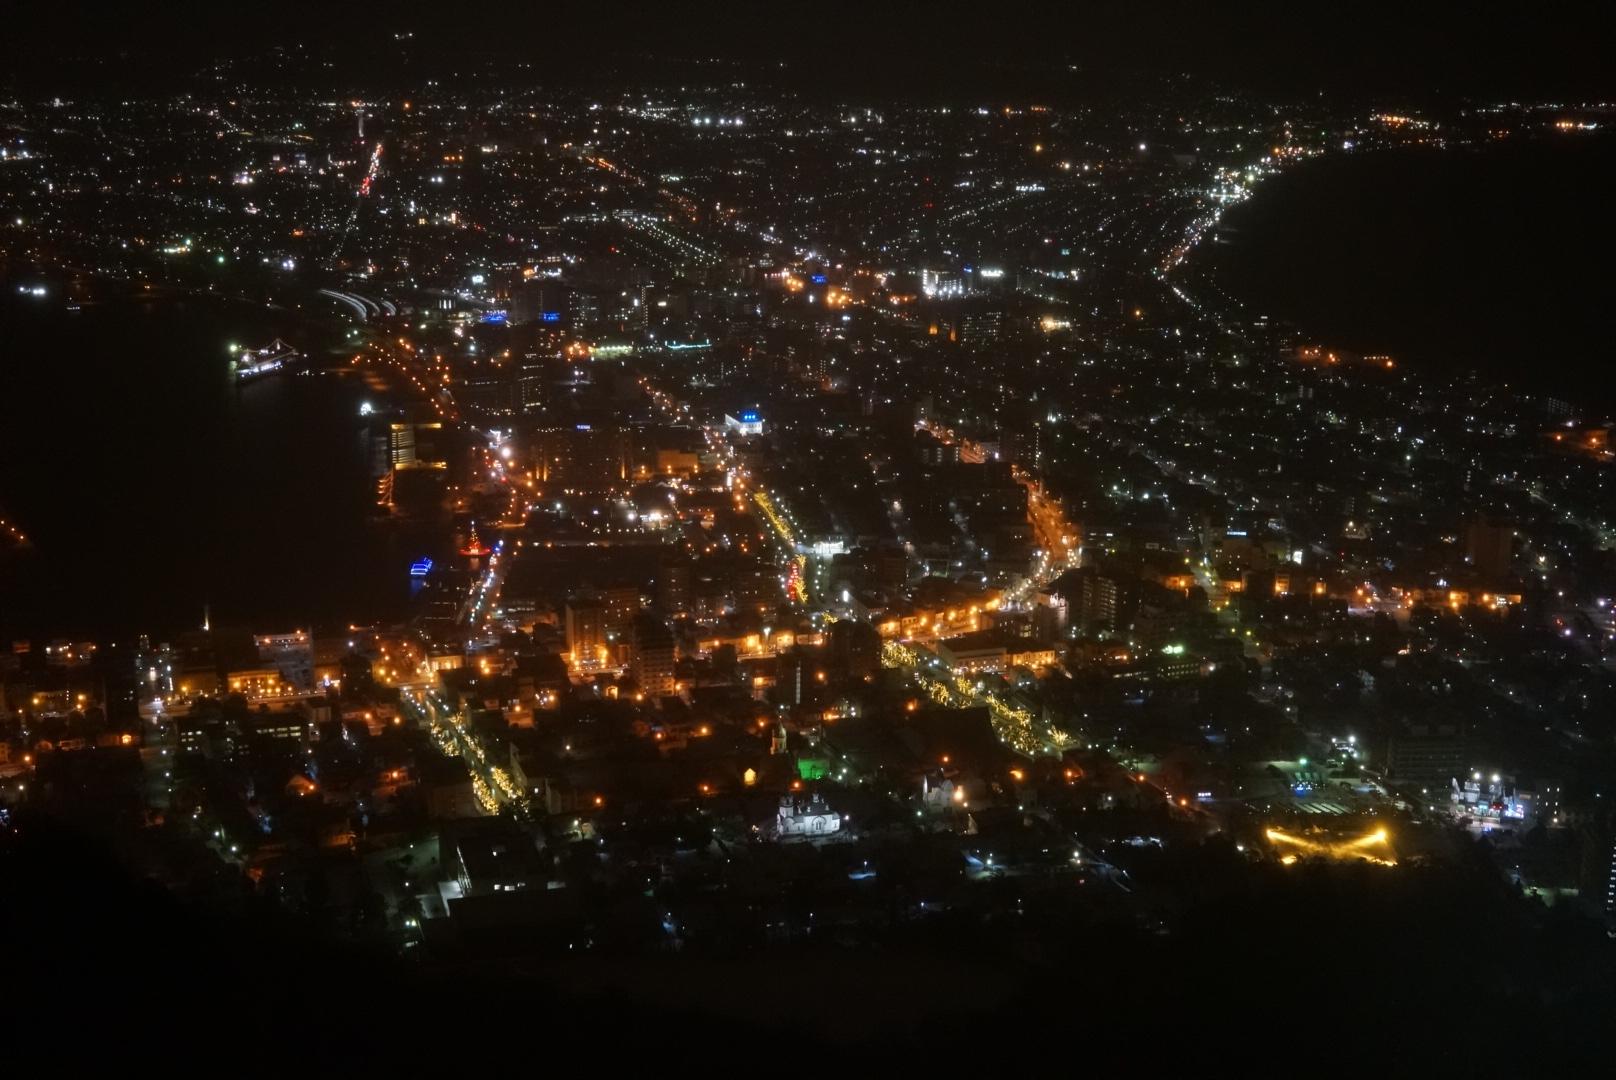 冬の函館山の夜景はオレンジの光が美しい!!(北海道函館市)